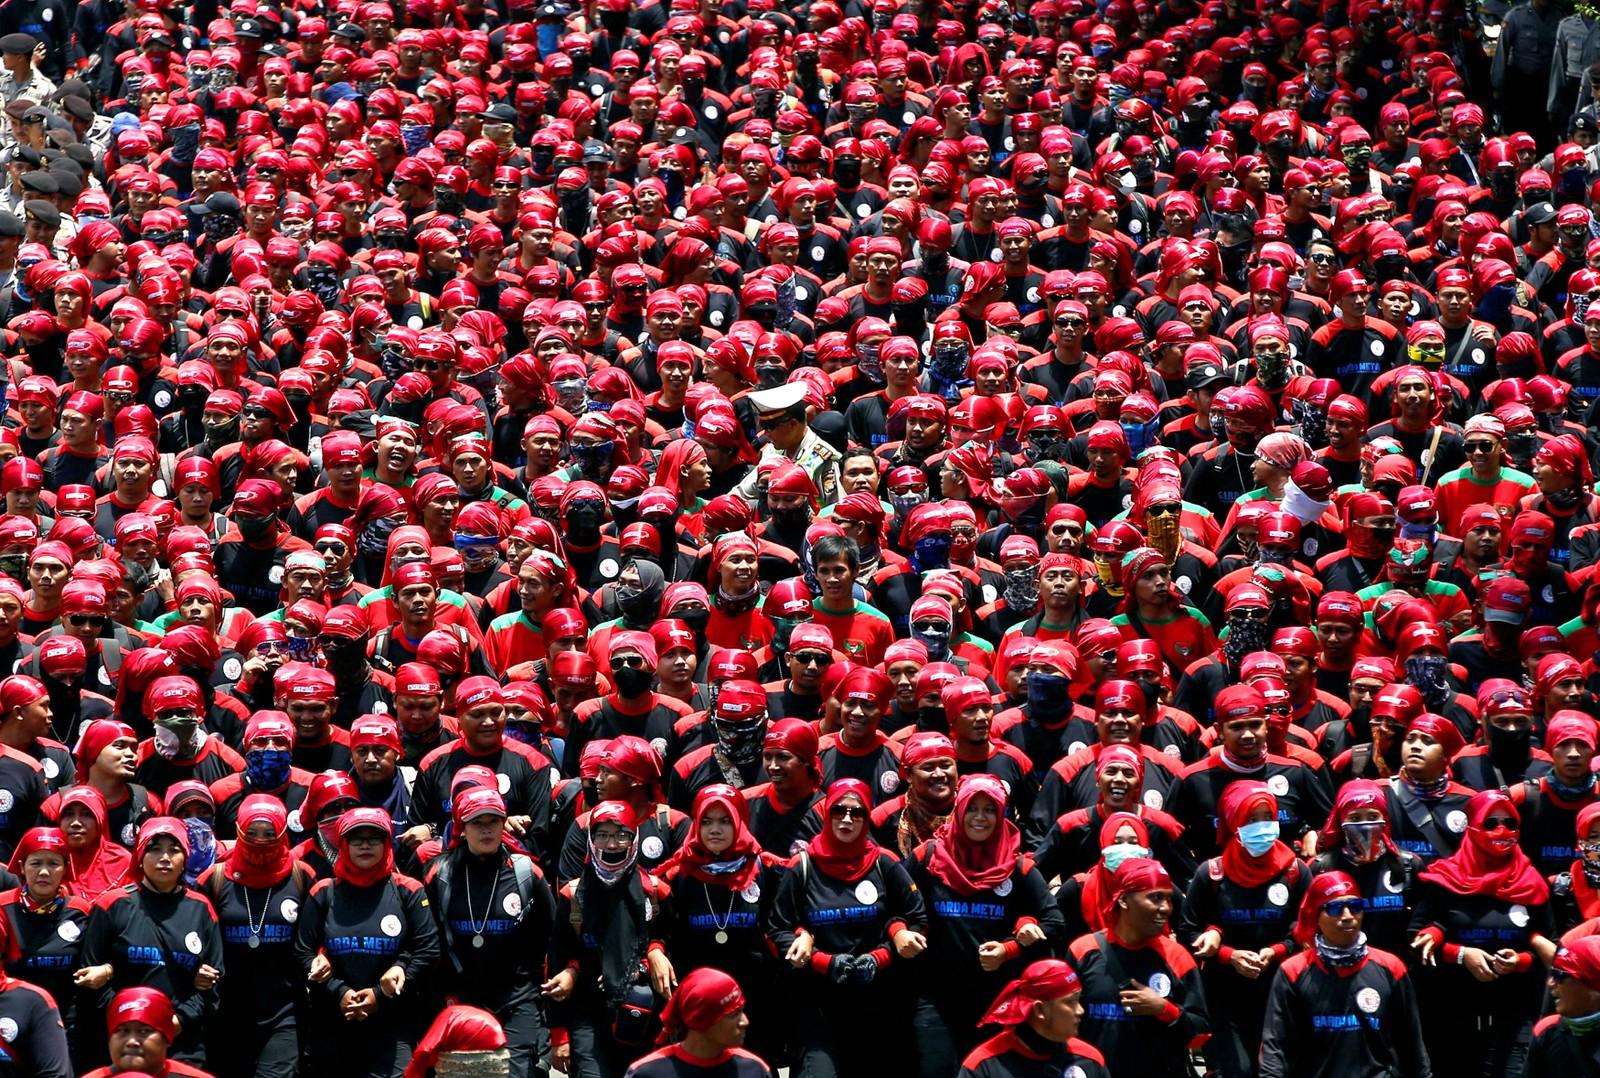 Tøff dag på jobben. Finner du politimannen? Bildet er fra en fagforeningsdemonstrasjon mot skatteamnesti i Jakarta i Indonesia den 29. september.